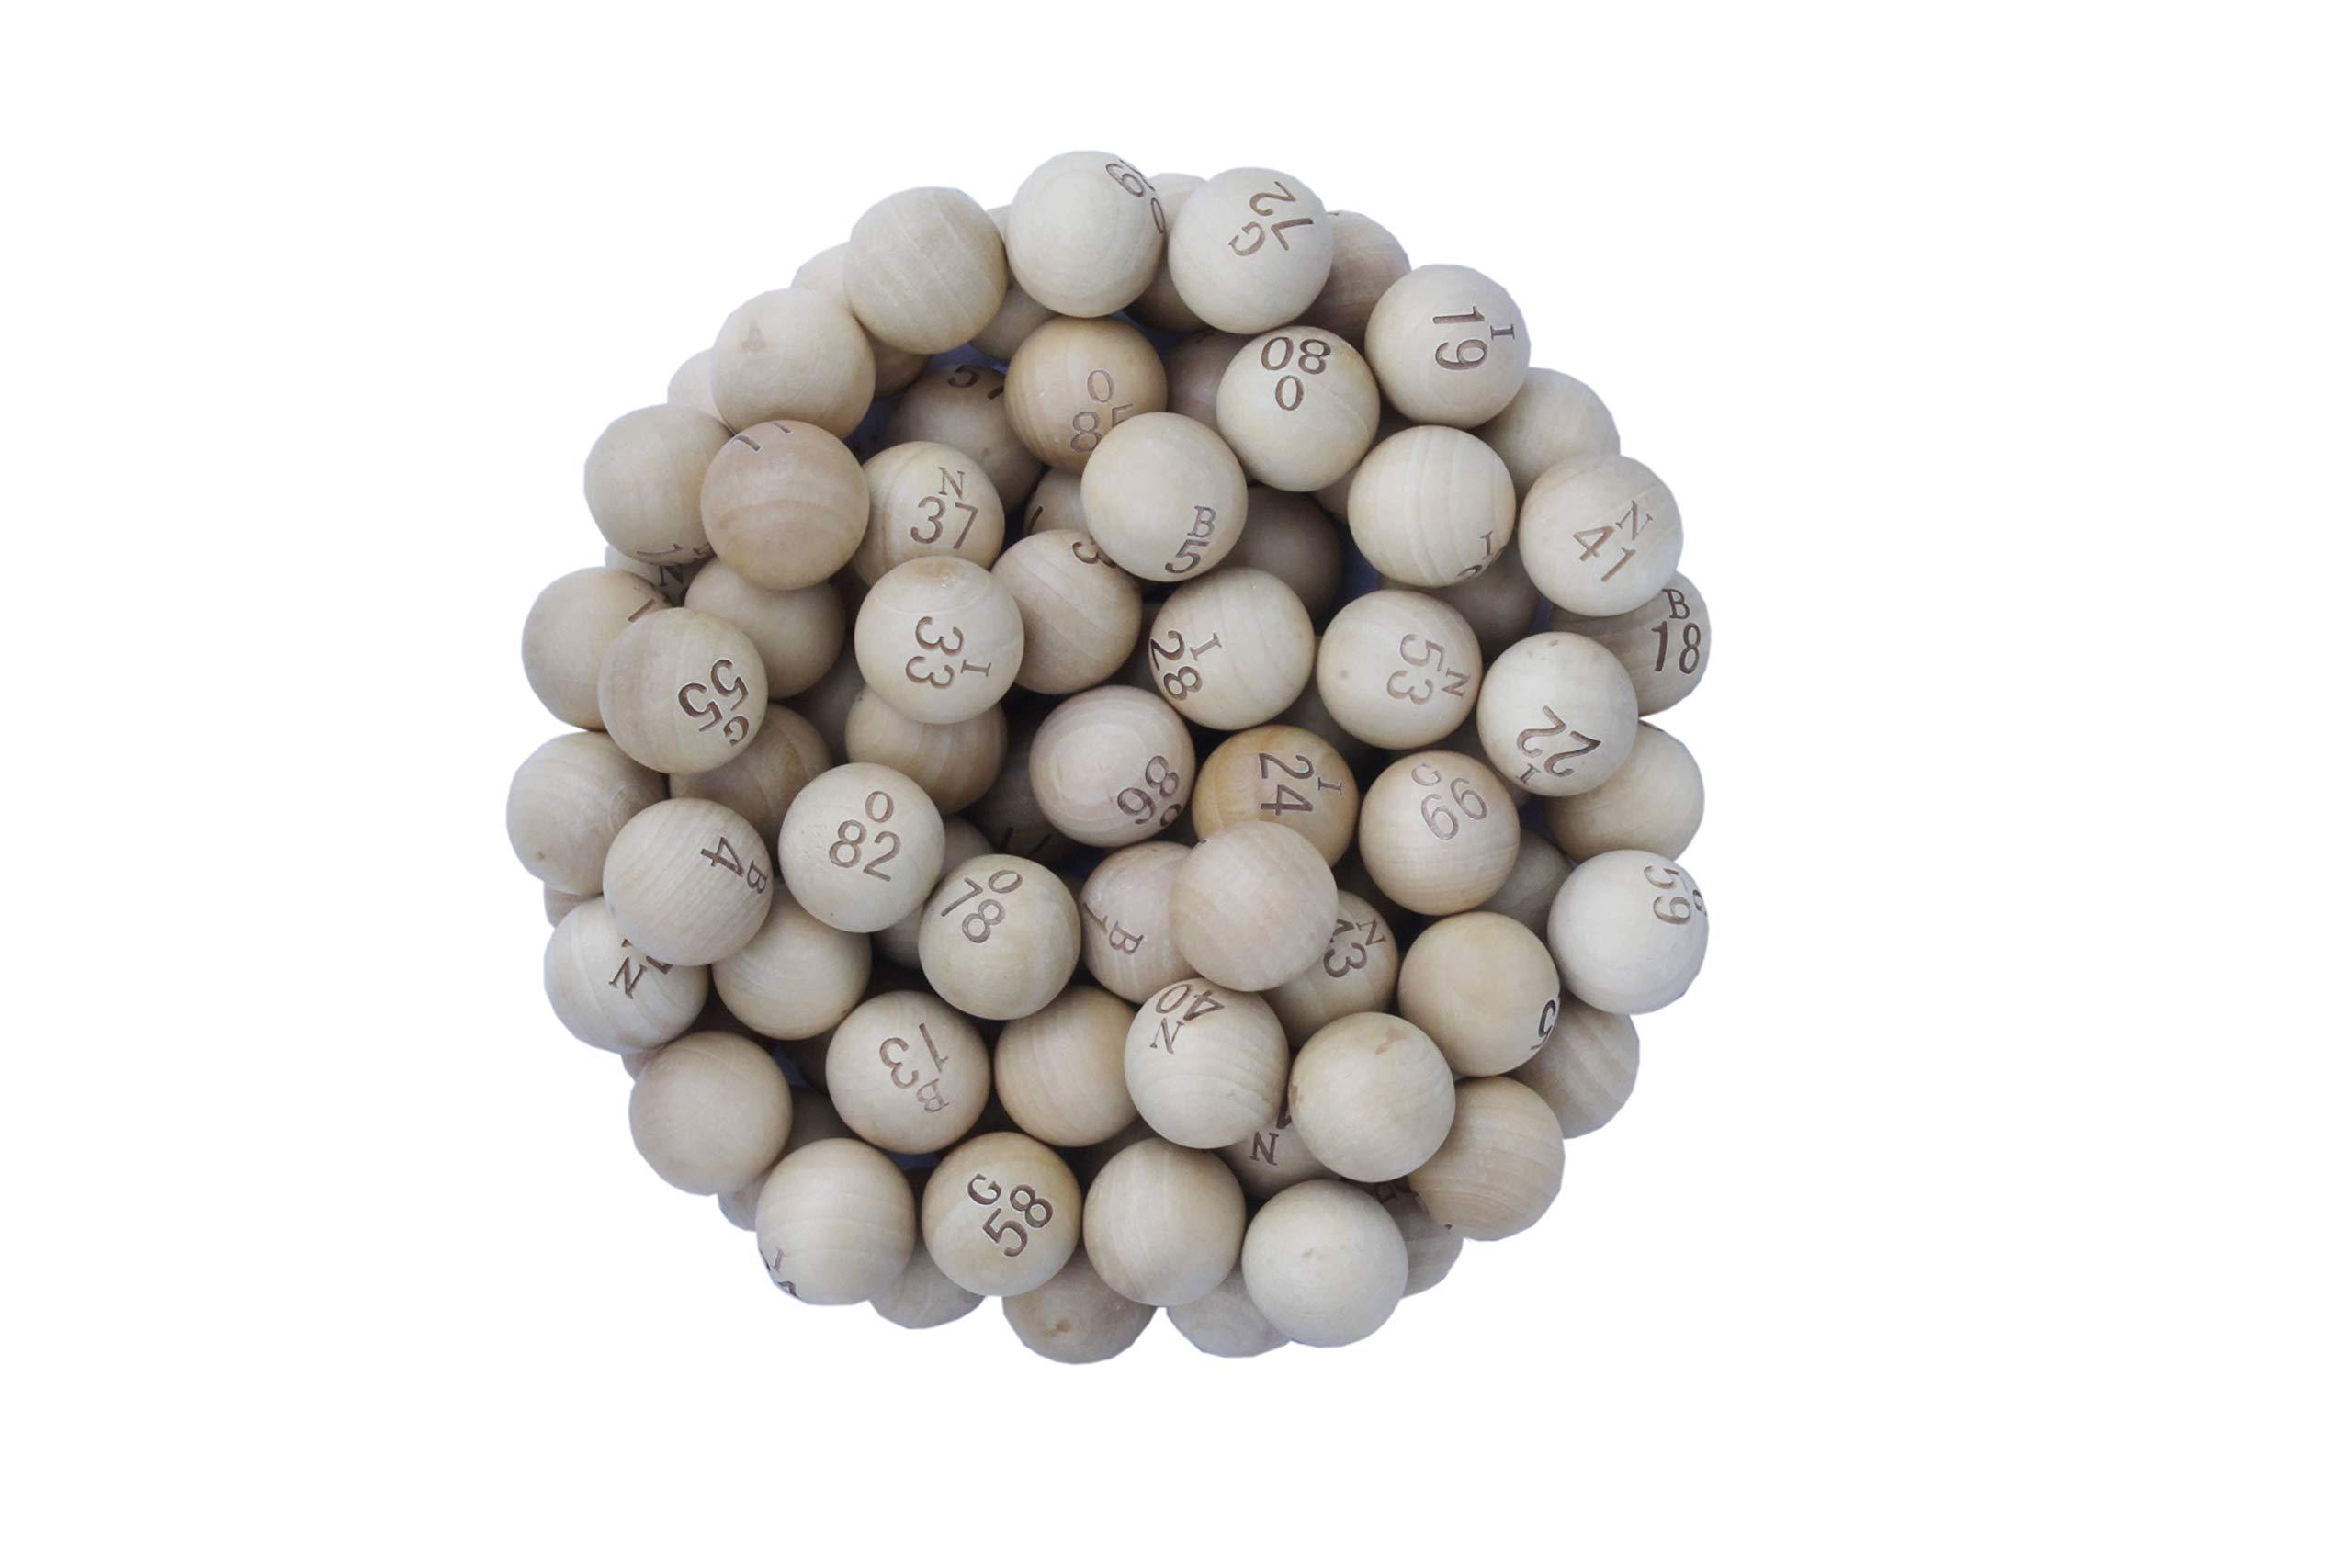 CARTALTO-Set-mit-90-Loto-Kugeln-aus-Holz-Durchmesser-22-mm-BTBPBB22-Mehrfarbig